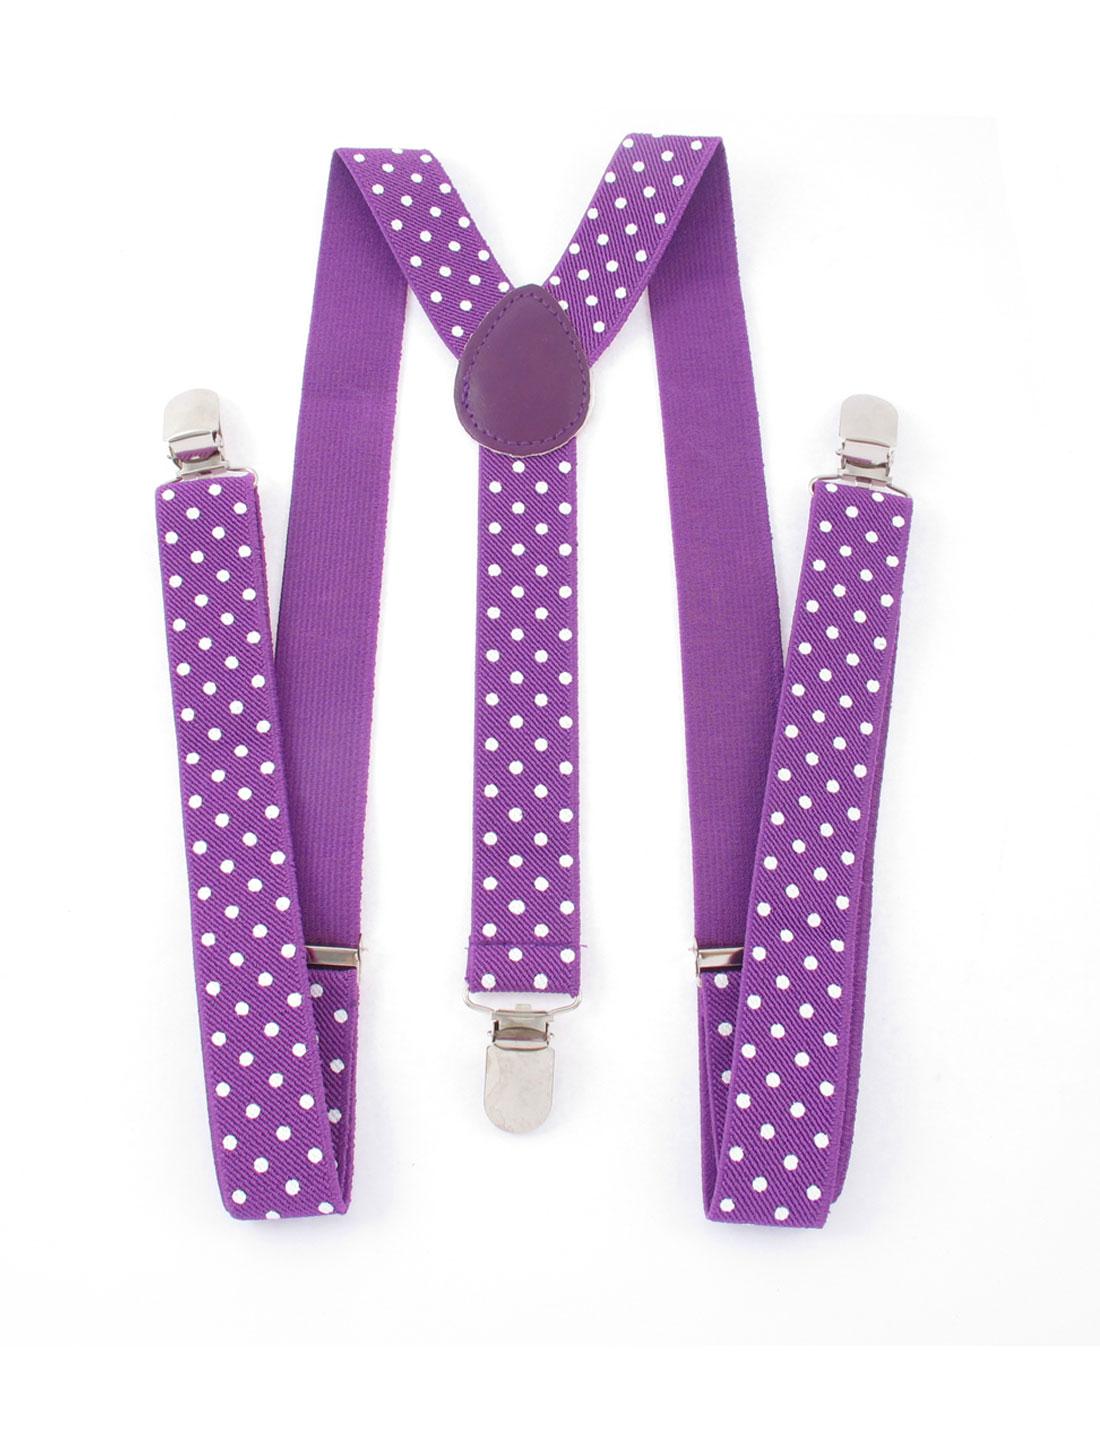 Woman Adjustable Stretchy Y-Shape 3 Clips Design Trouser Suspender Braces Purple